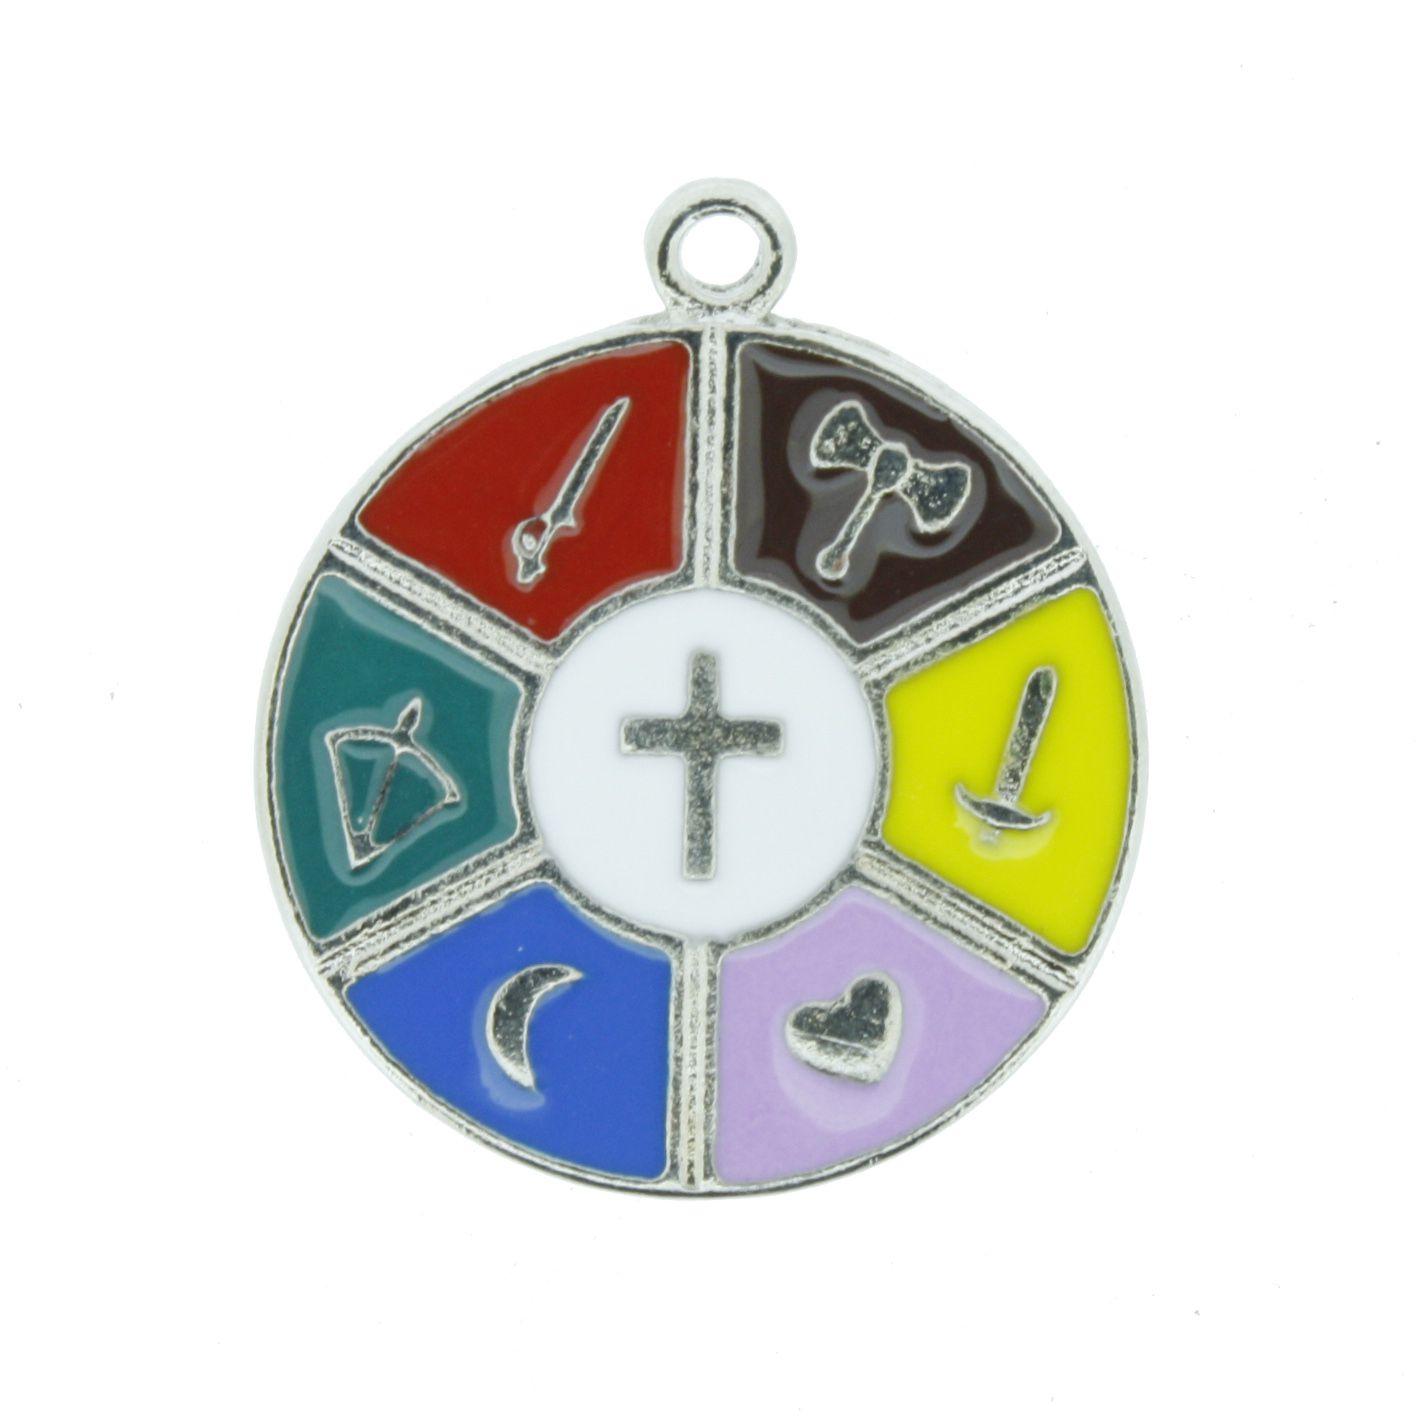 Medalha 7 Linhas - Níquel e Resina - 25mm  - Universo Religioso® - Artigos de Umbanda e Candomblé